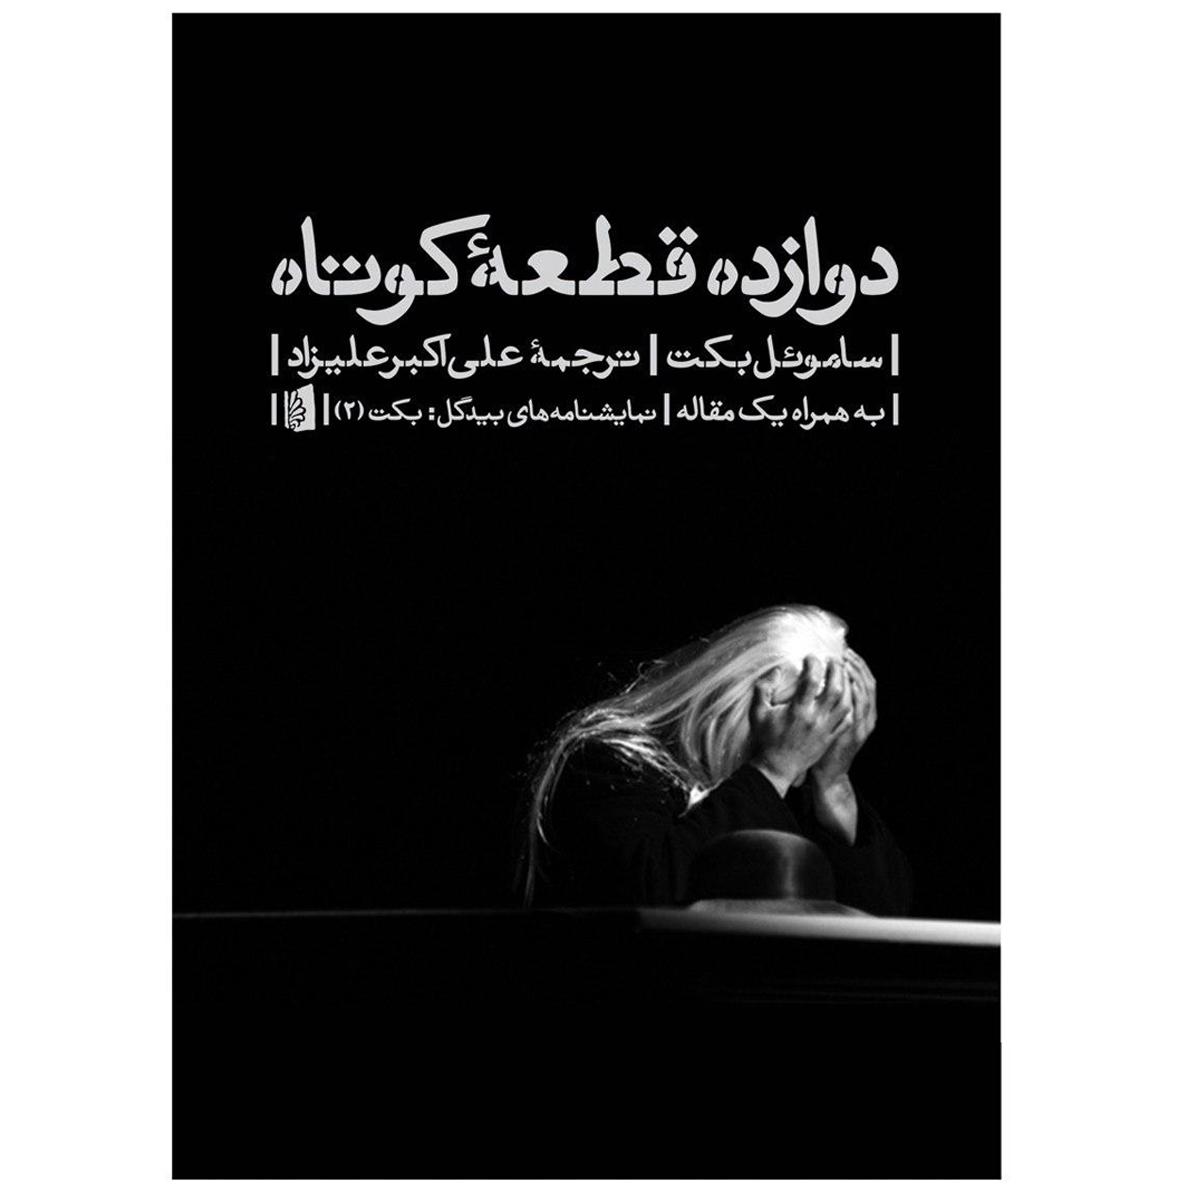 خرید                      کتاب دوازده قطعه کوتاه اثر ساموئل بکت نشر بیدگل